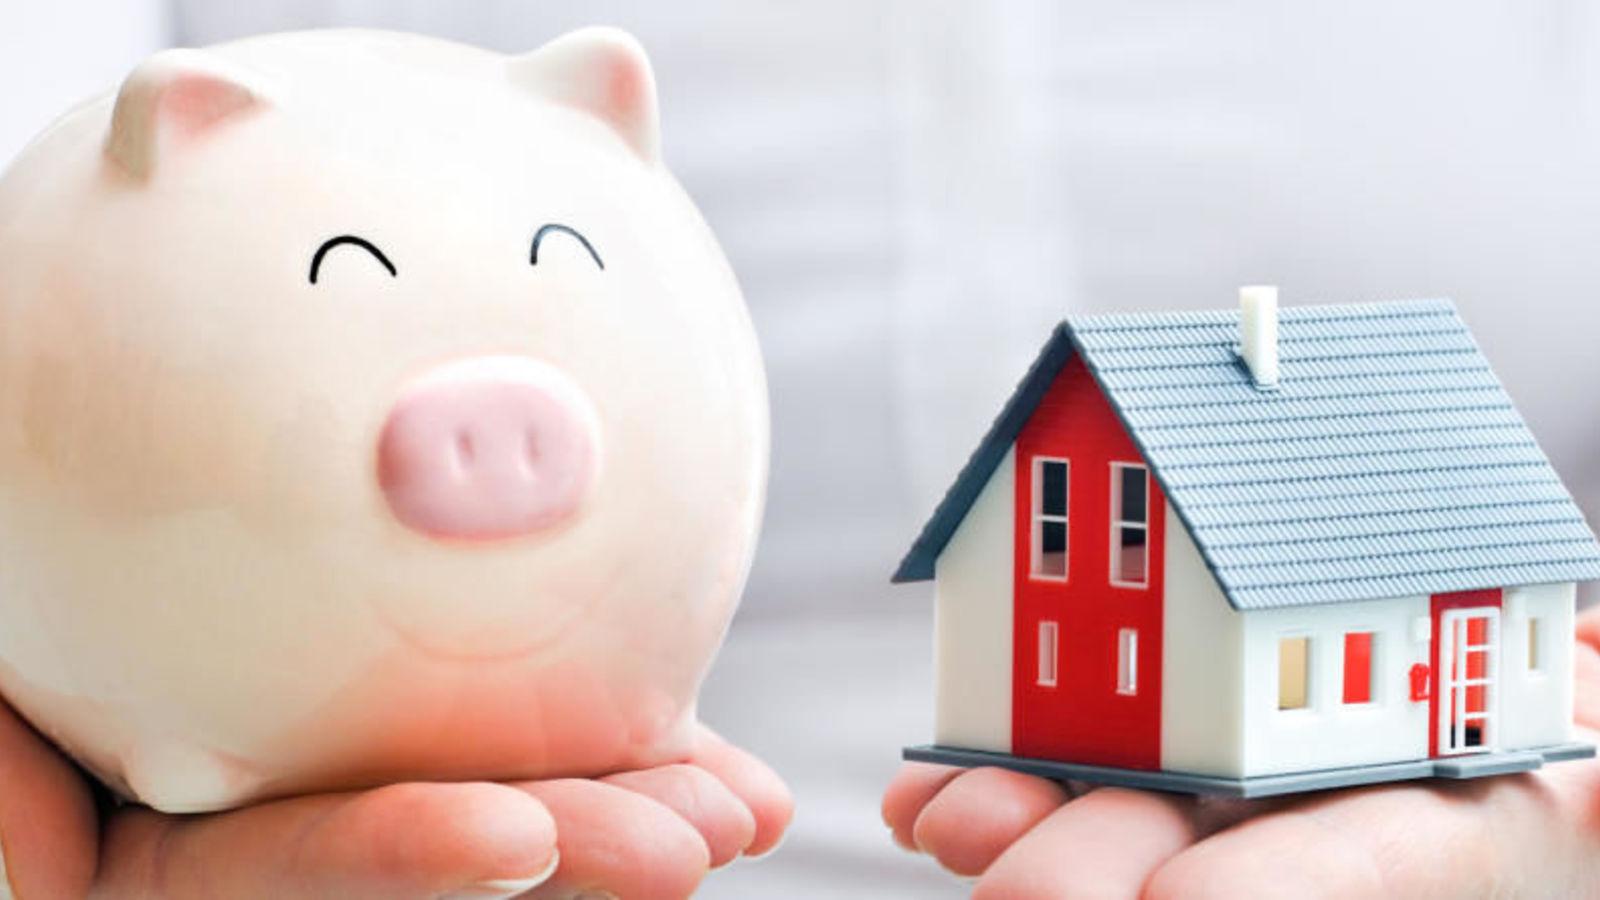 hipoteca-credito.jpg